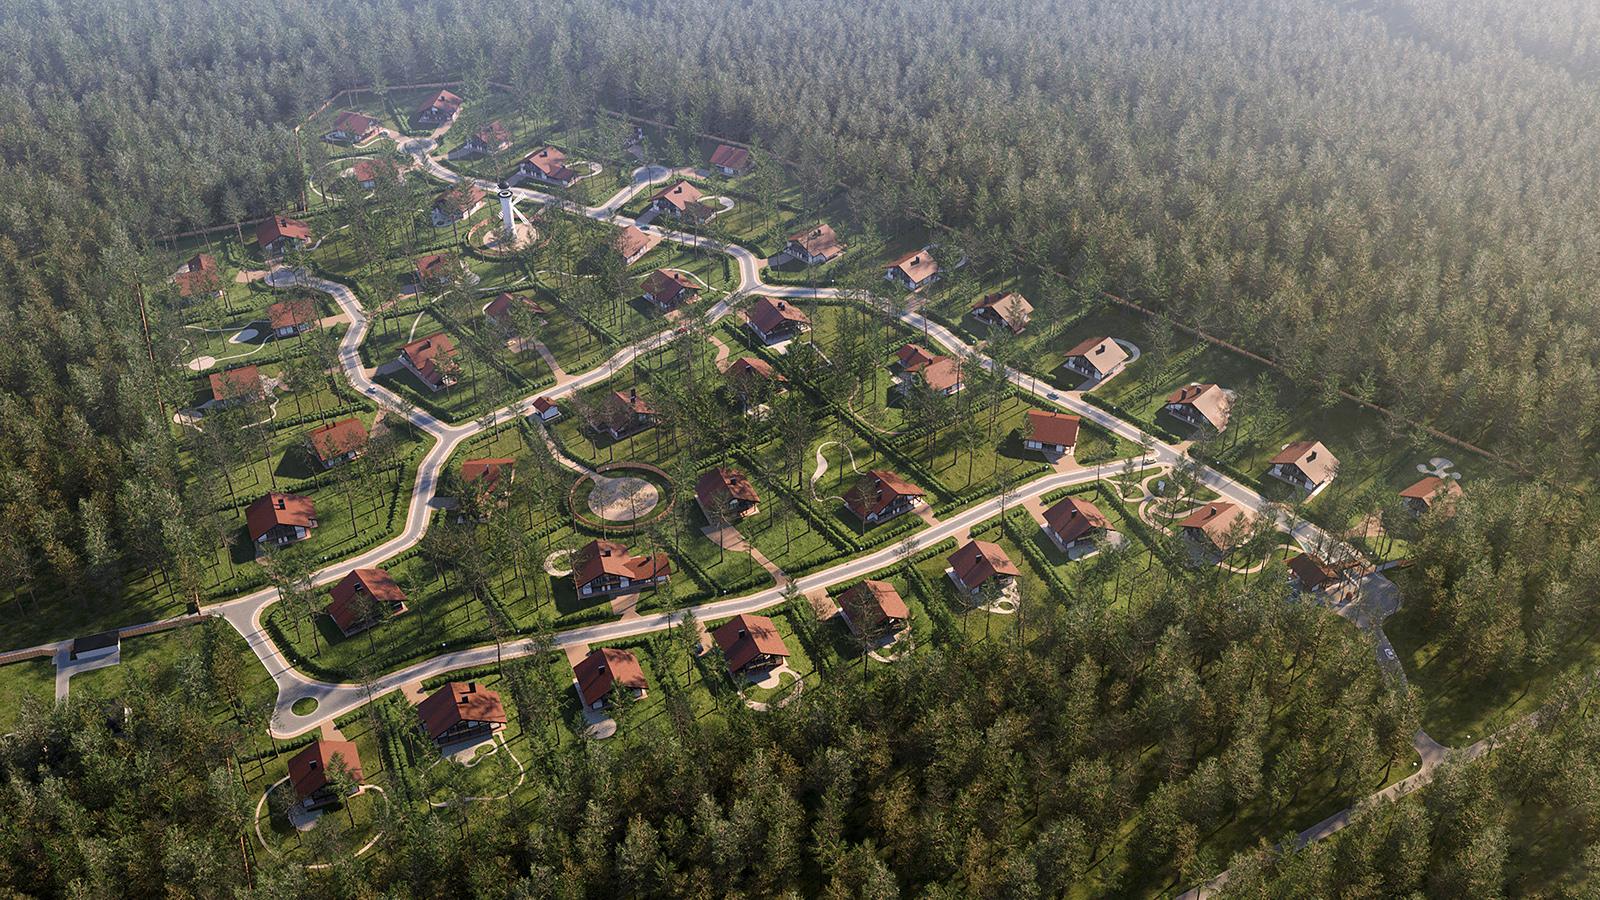 КоттеджныйпоселокШишкиновЗеленомгороде.DВизуализация